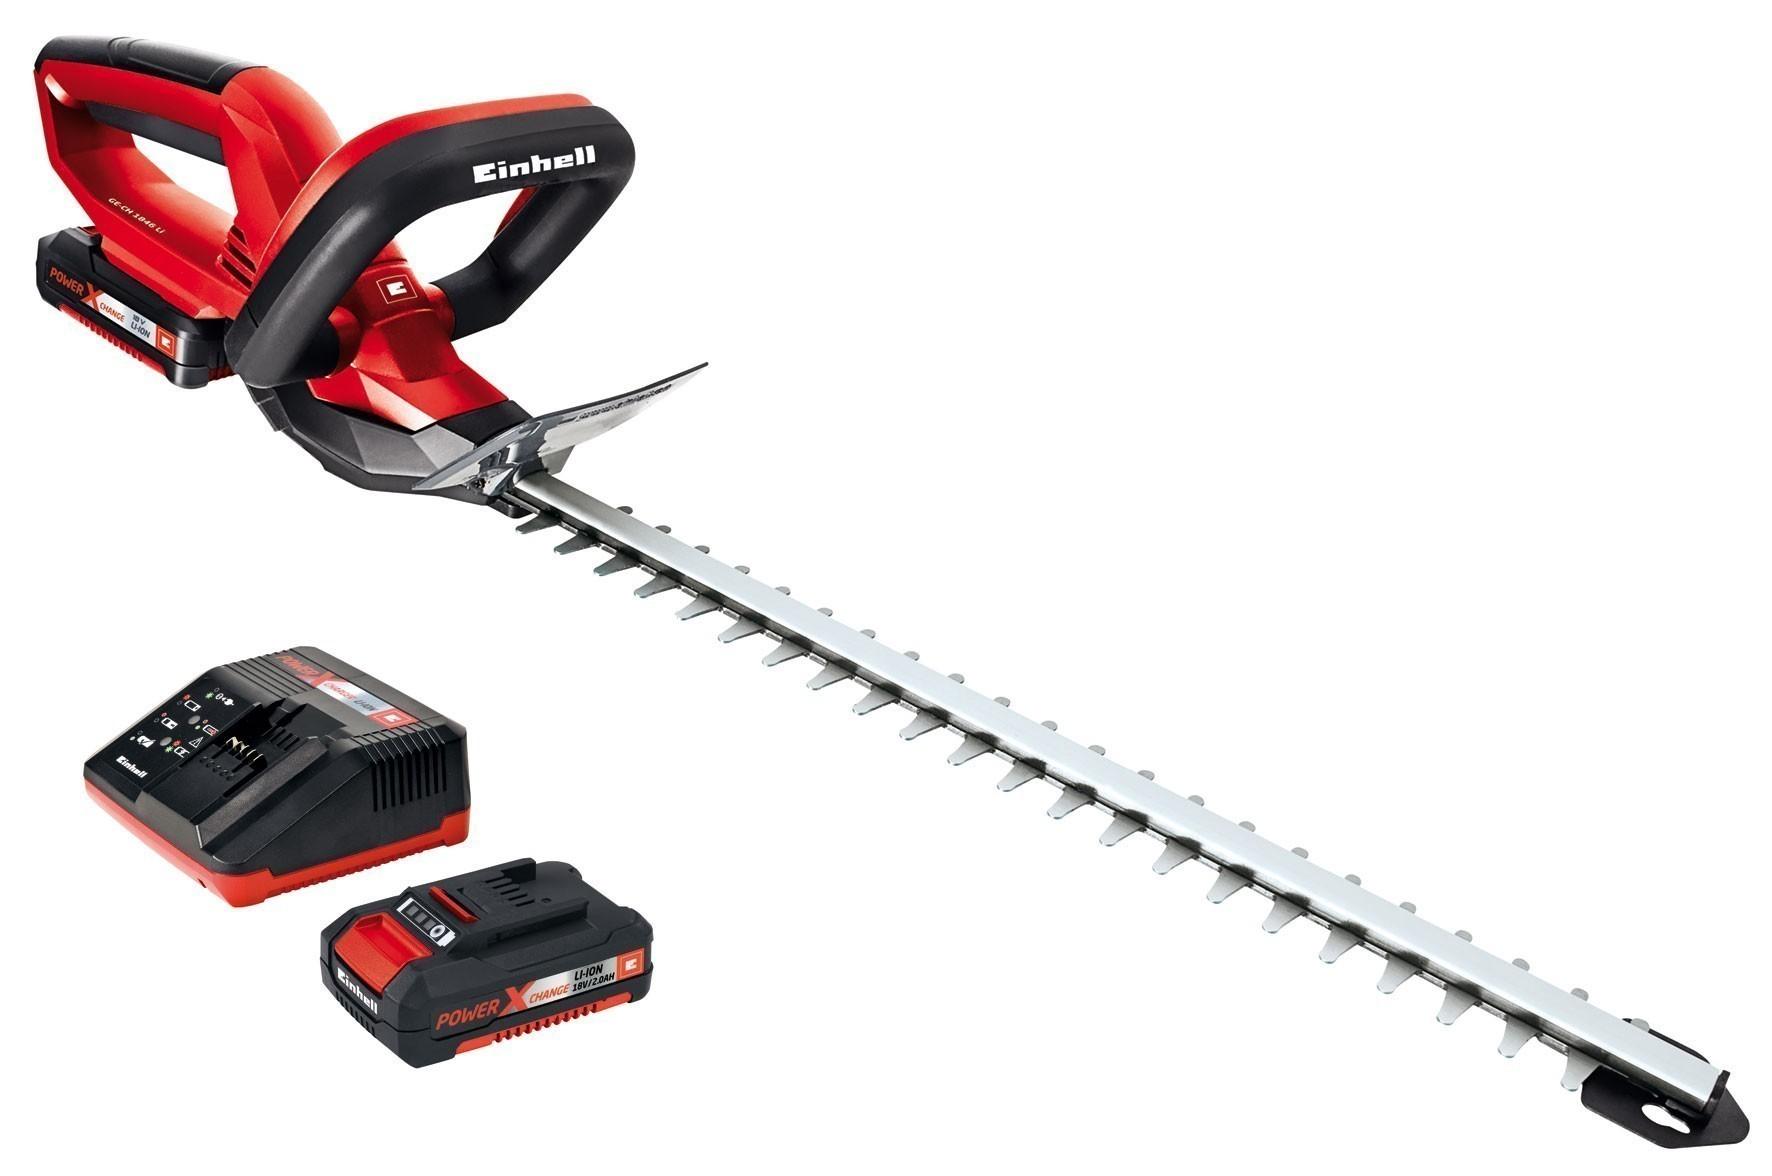 Einhell Akku-Heckenschere GE-CH 1846 Li Kit Power X-Change SL 46cm Bild 1